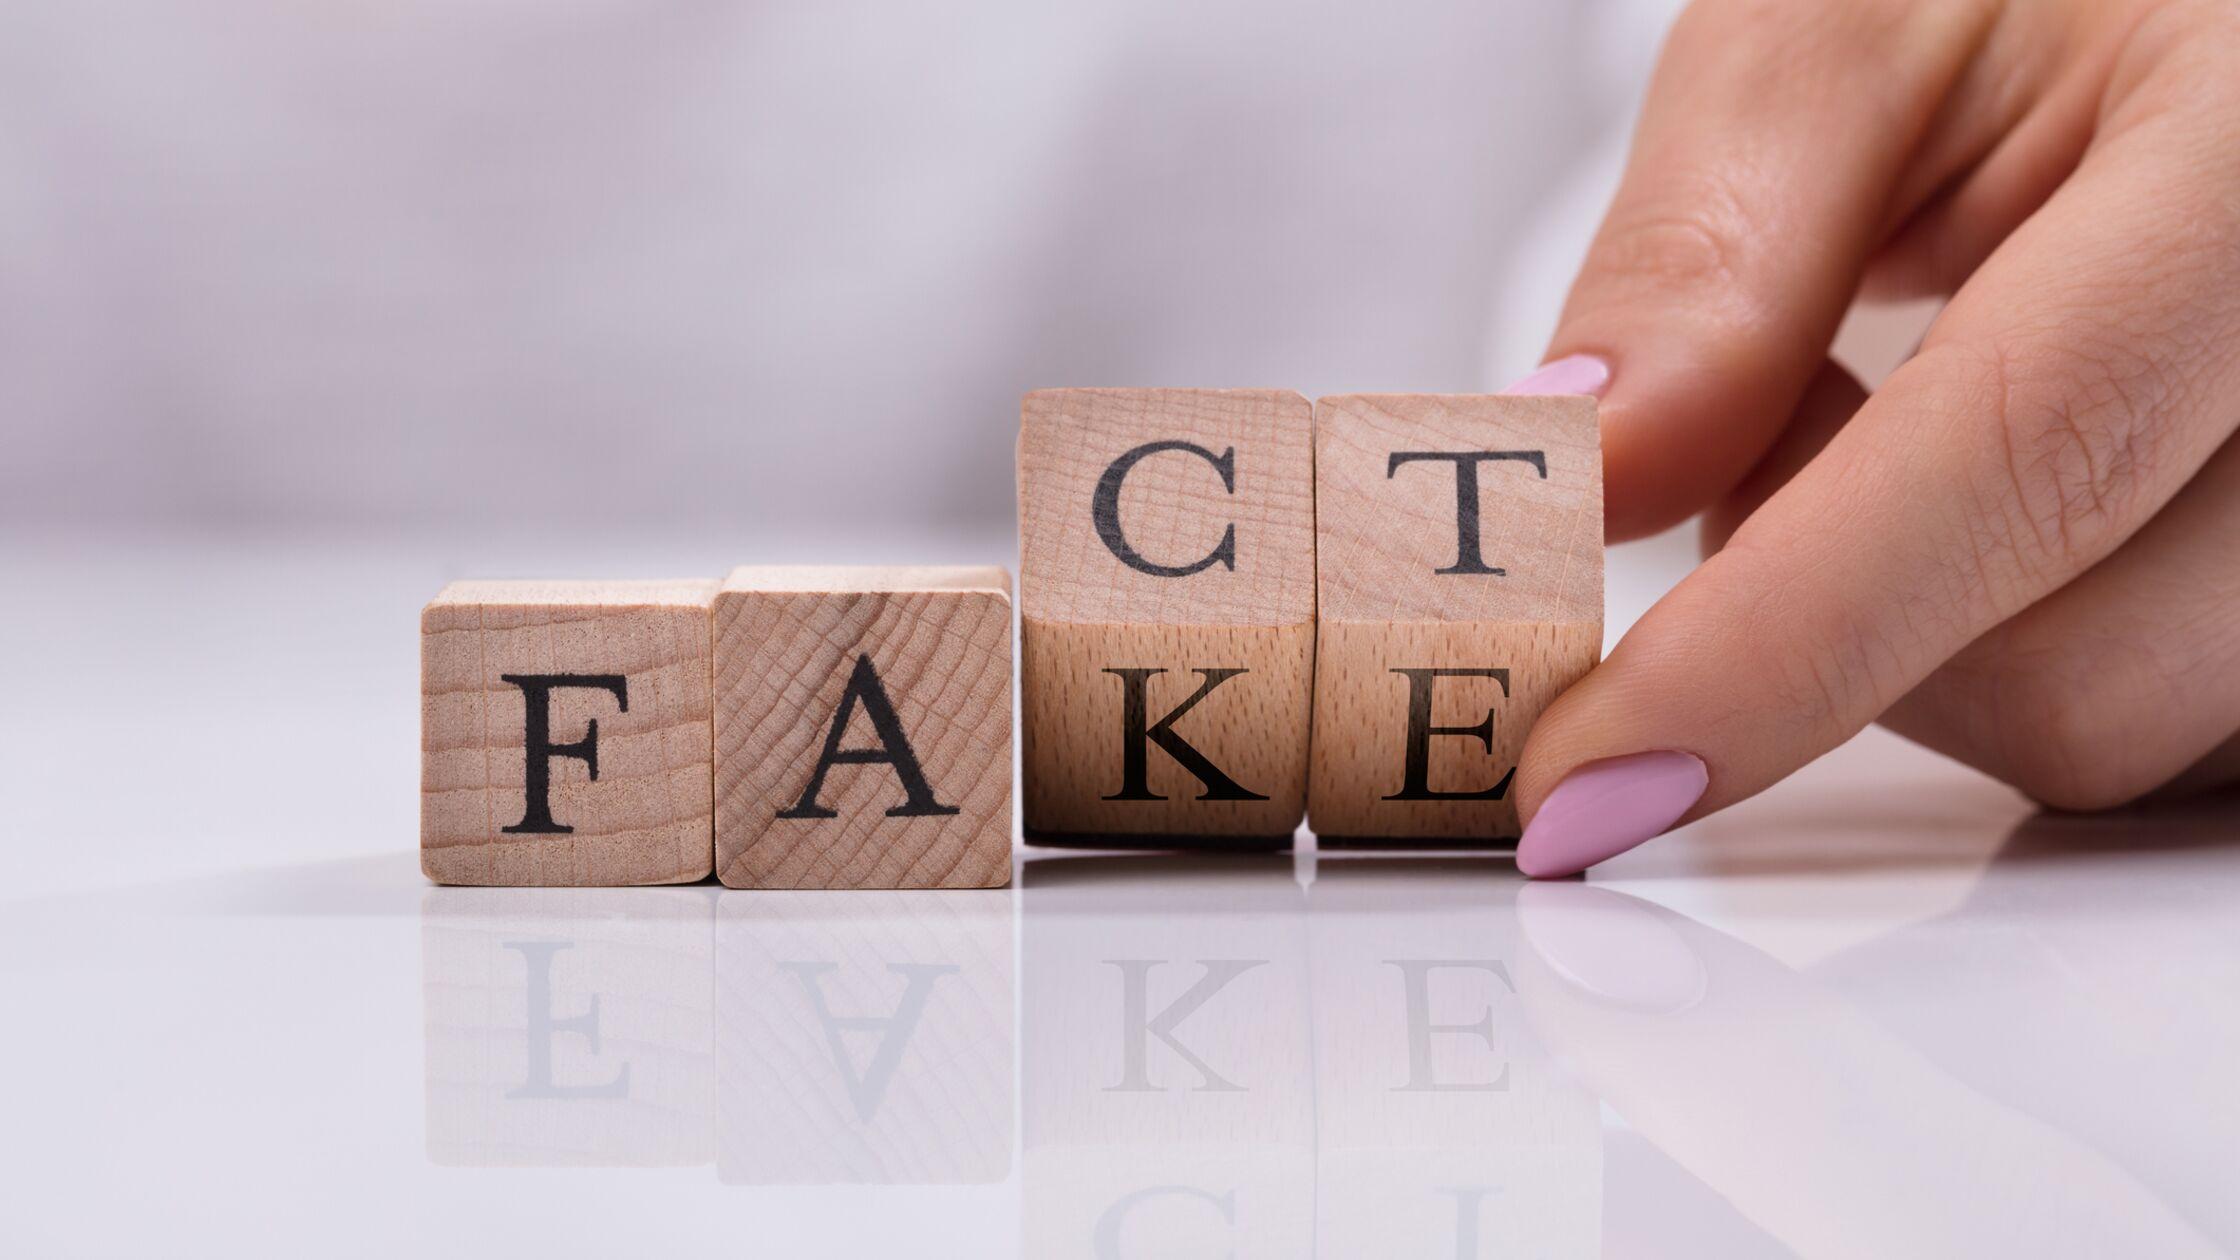 Würfel zeigen gleichzeitig die Worte Fact und Fake.